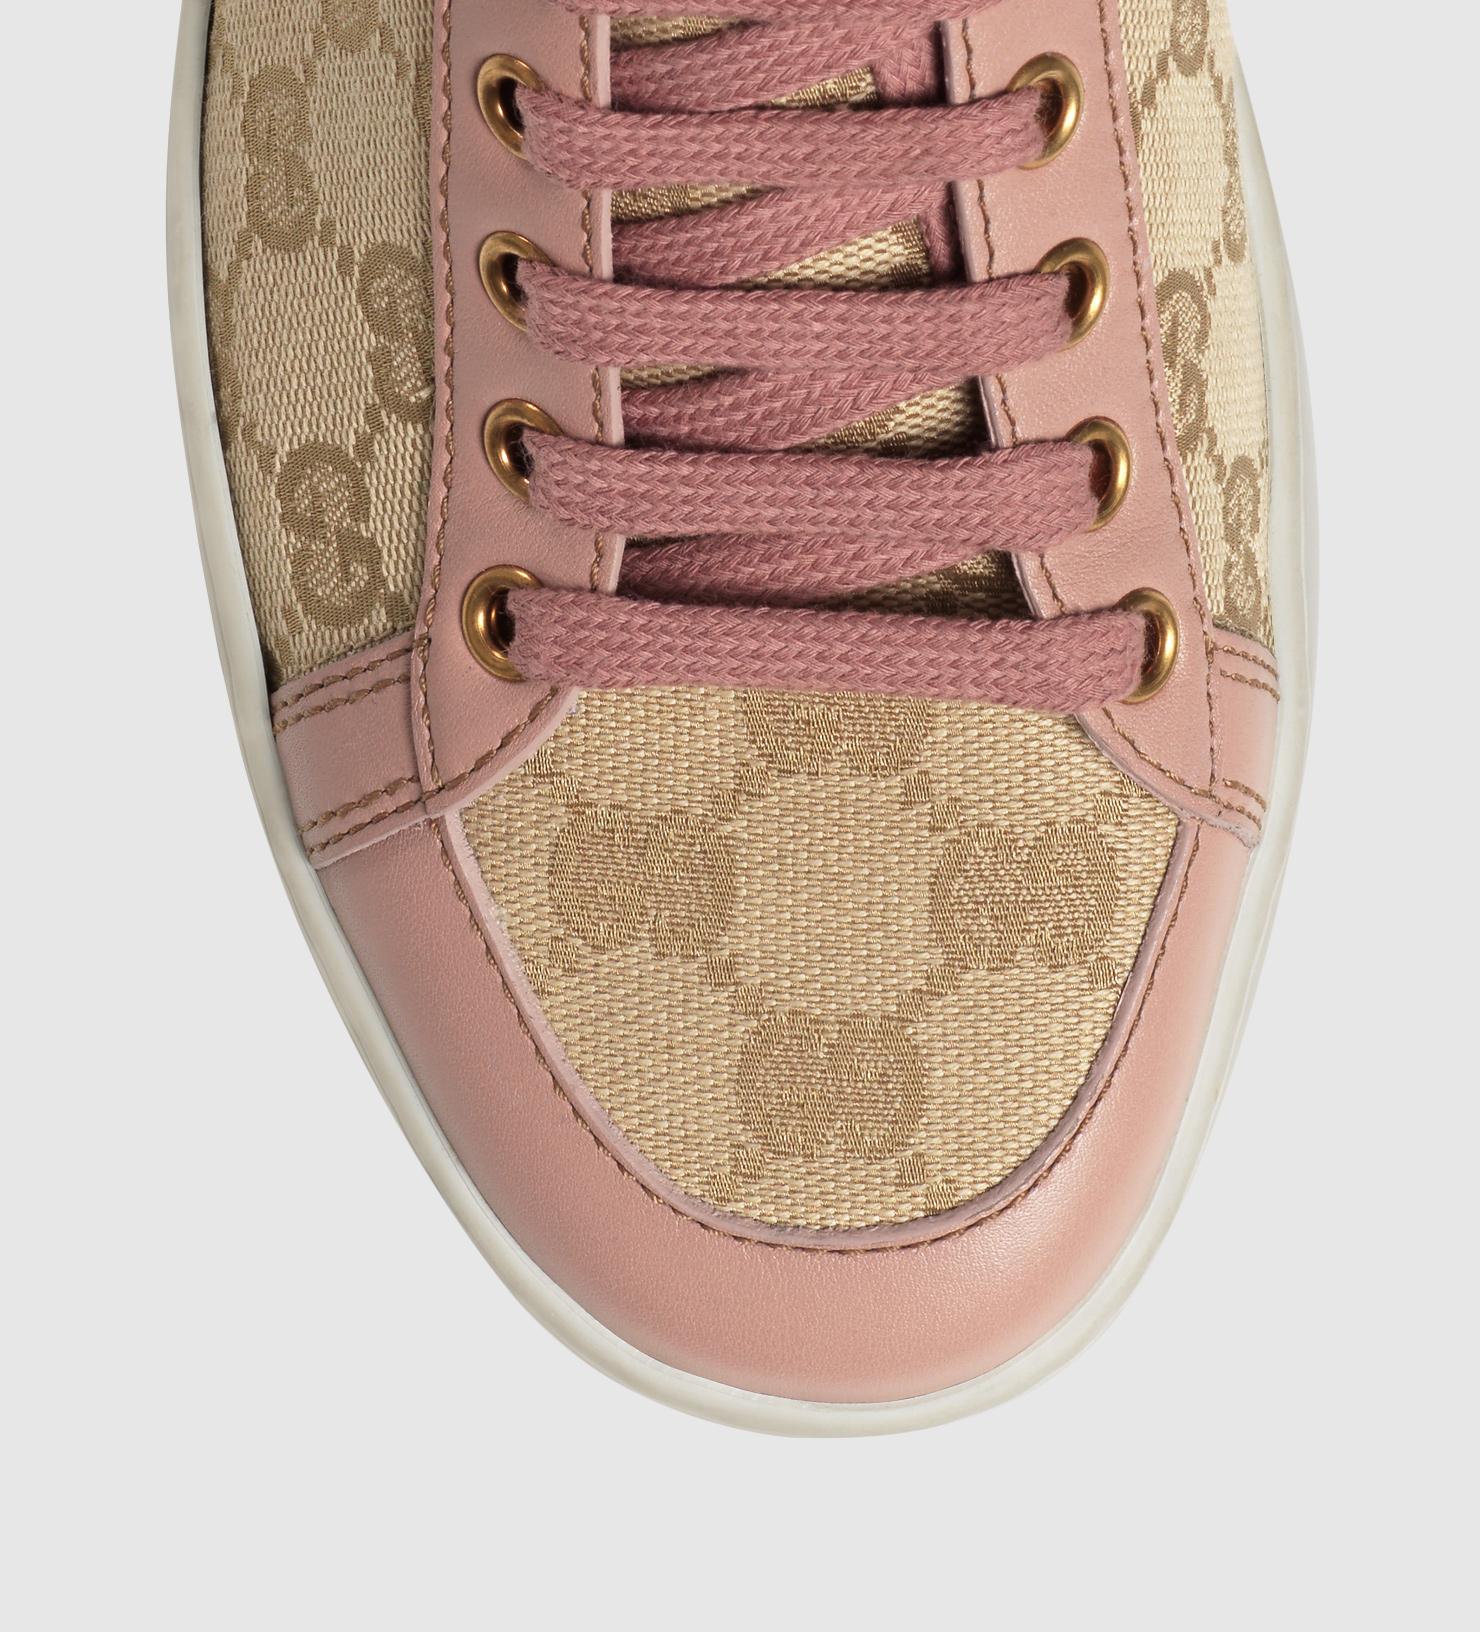 57e211d3cbe6 Lyst - Gucci Brooklyn Original Gg Canvas High-top Sneaker in Natural